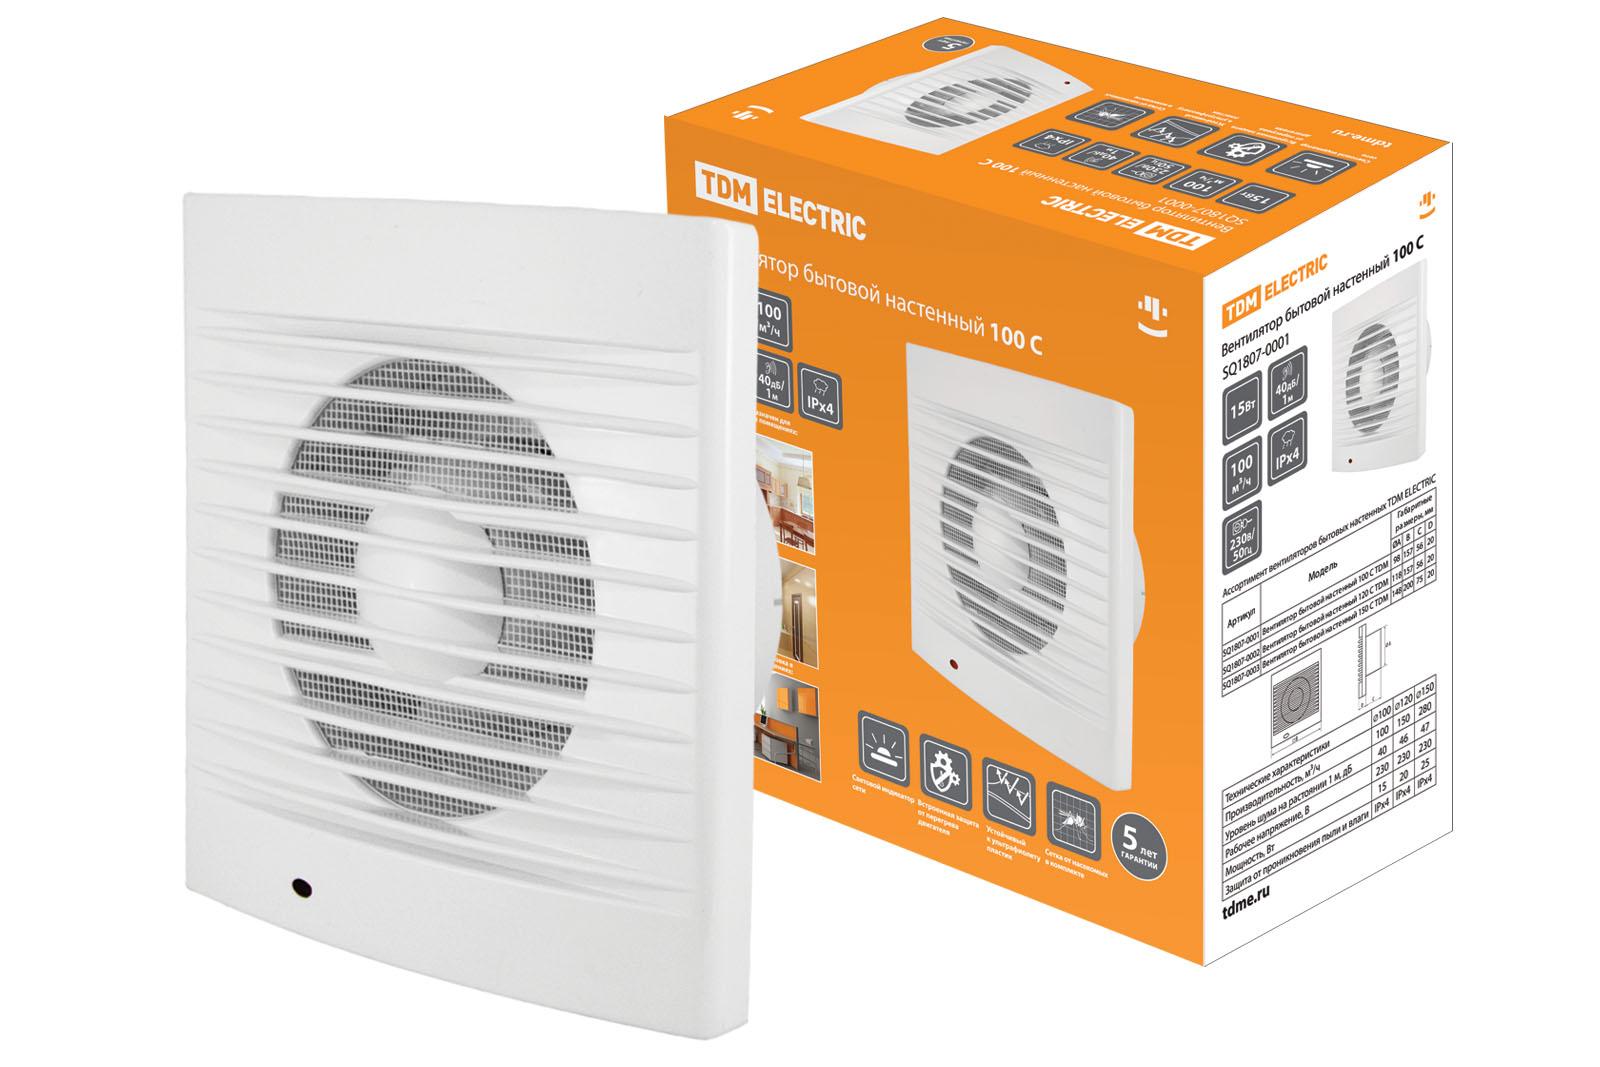 Вентилятор Tdm Вентилятор tdm sq1807-0001